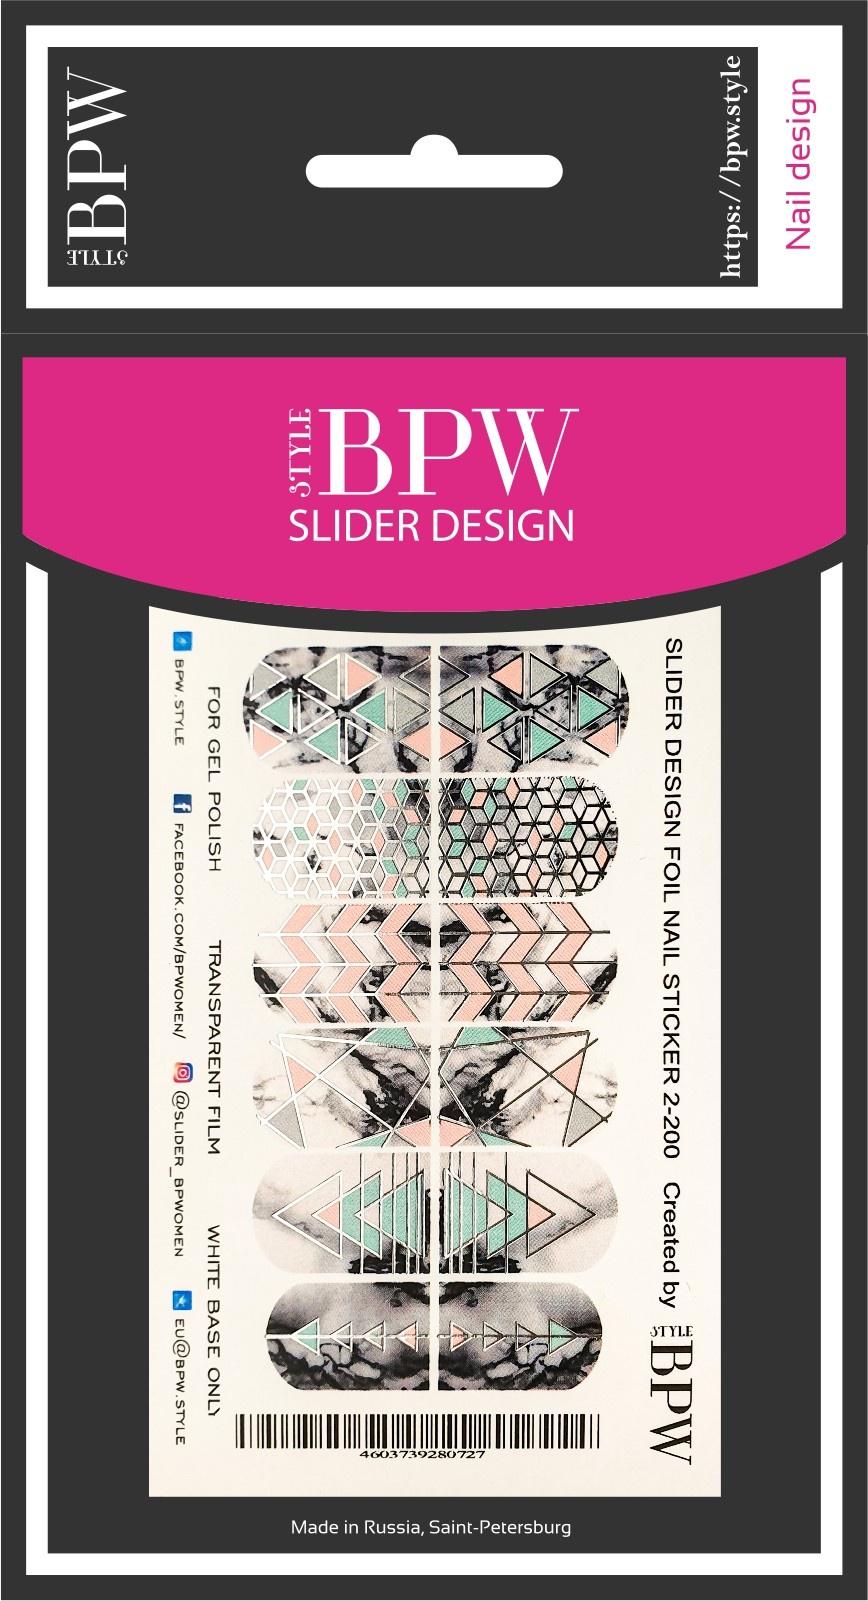 Наклейки для ногтей BPW.style sd2-200, 2 1pcs блеск и пудре порошок блестит классика высокое качество повседневные дизайн ногтей